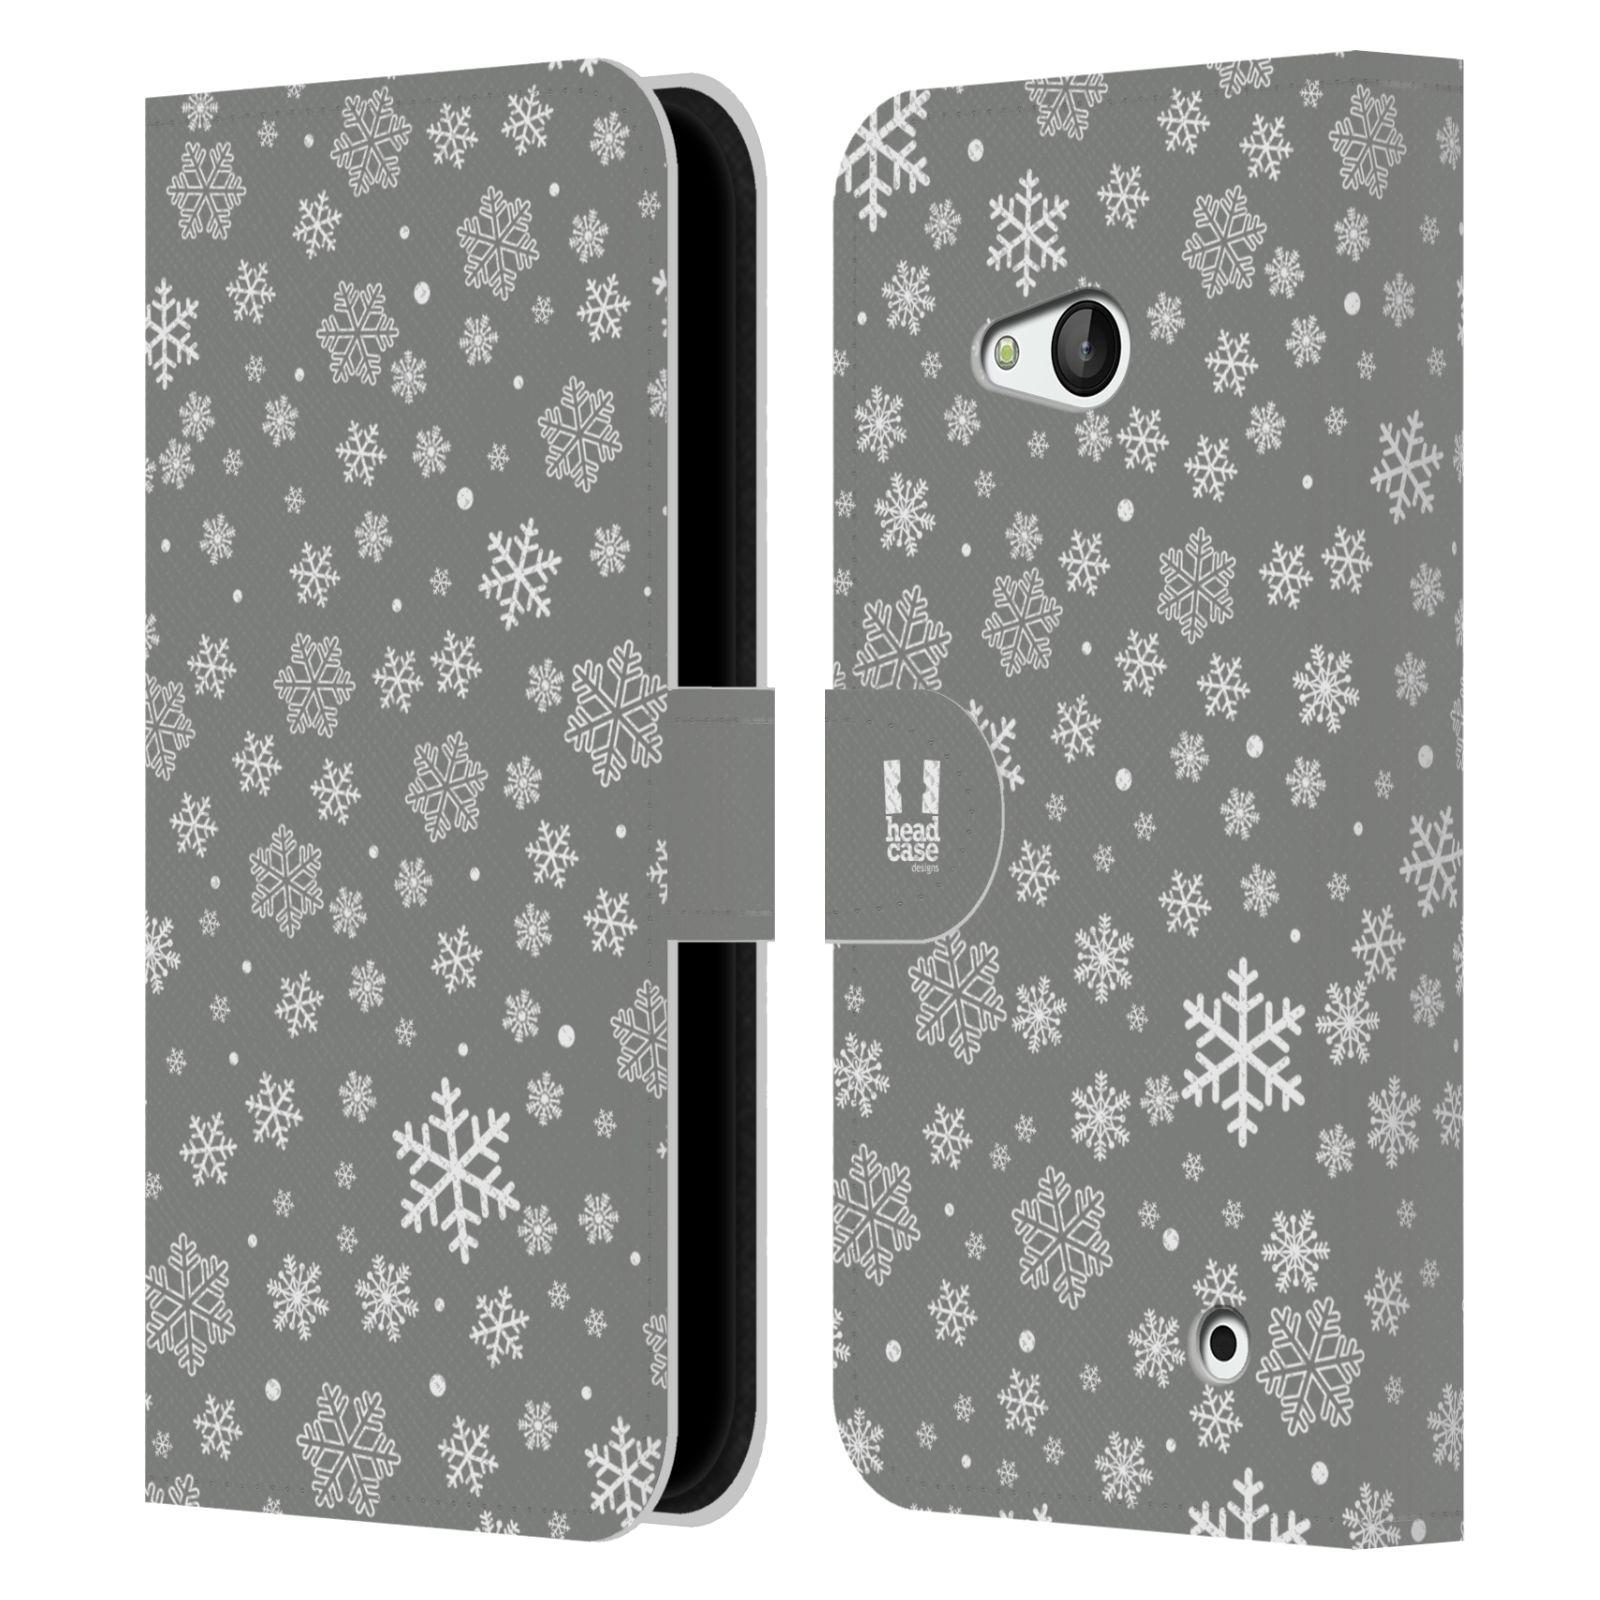 HEAD CASE Flipové pouzdro pro mobil NOKIA / MICROSOFT LUMIA 640 / LUMIA 640 DUAL stříbrné vzory sněžná vločka